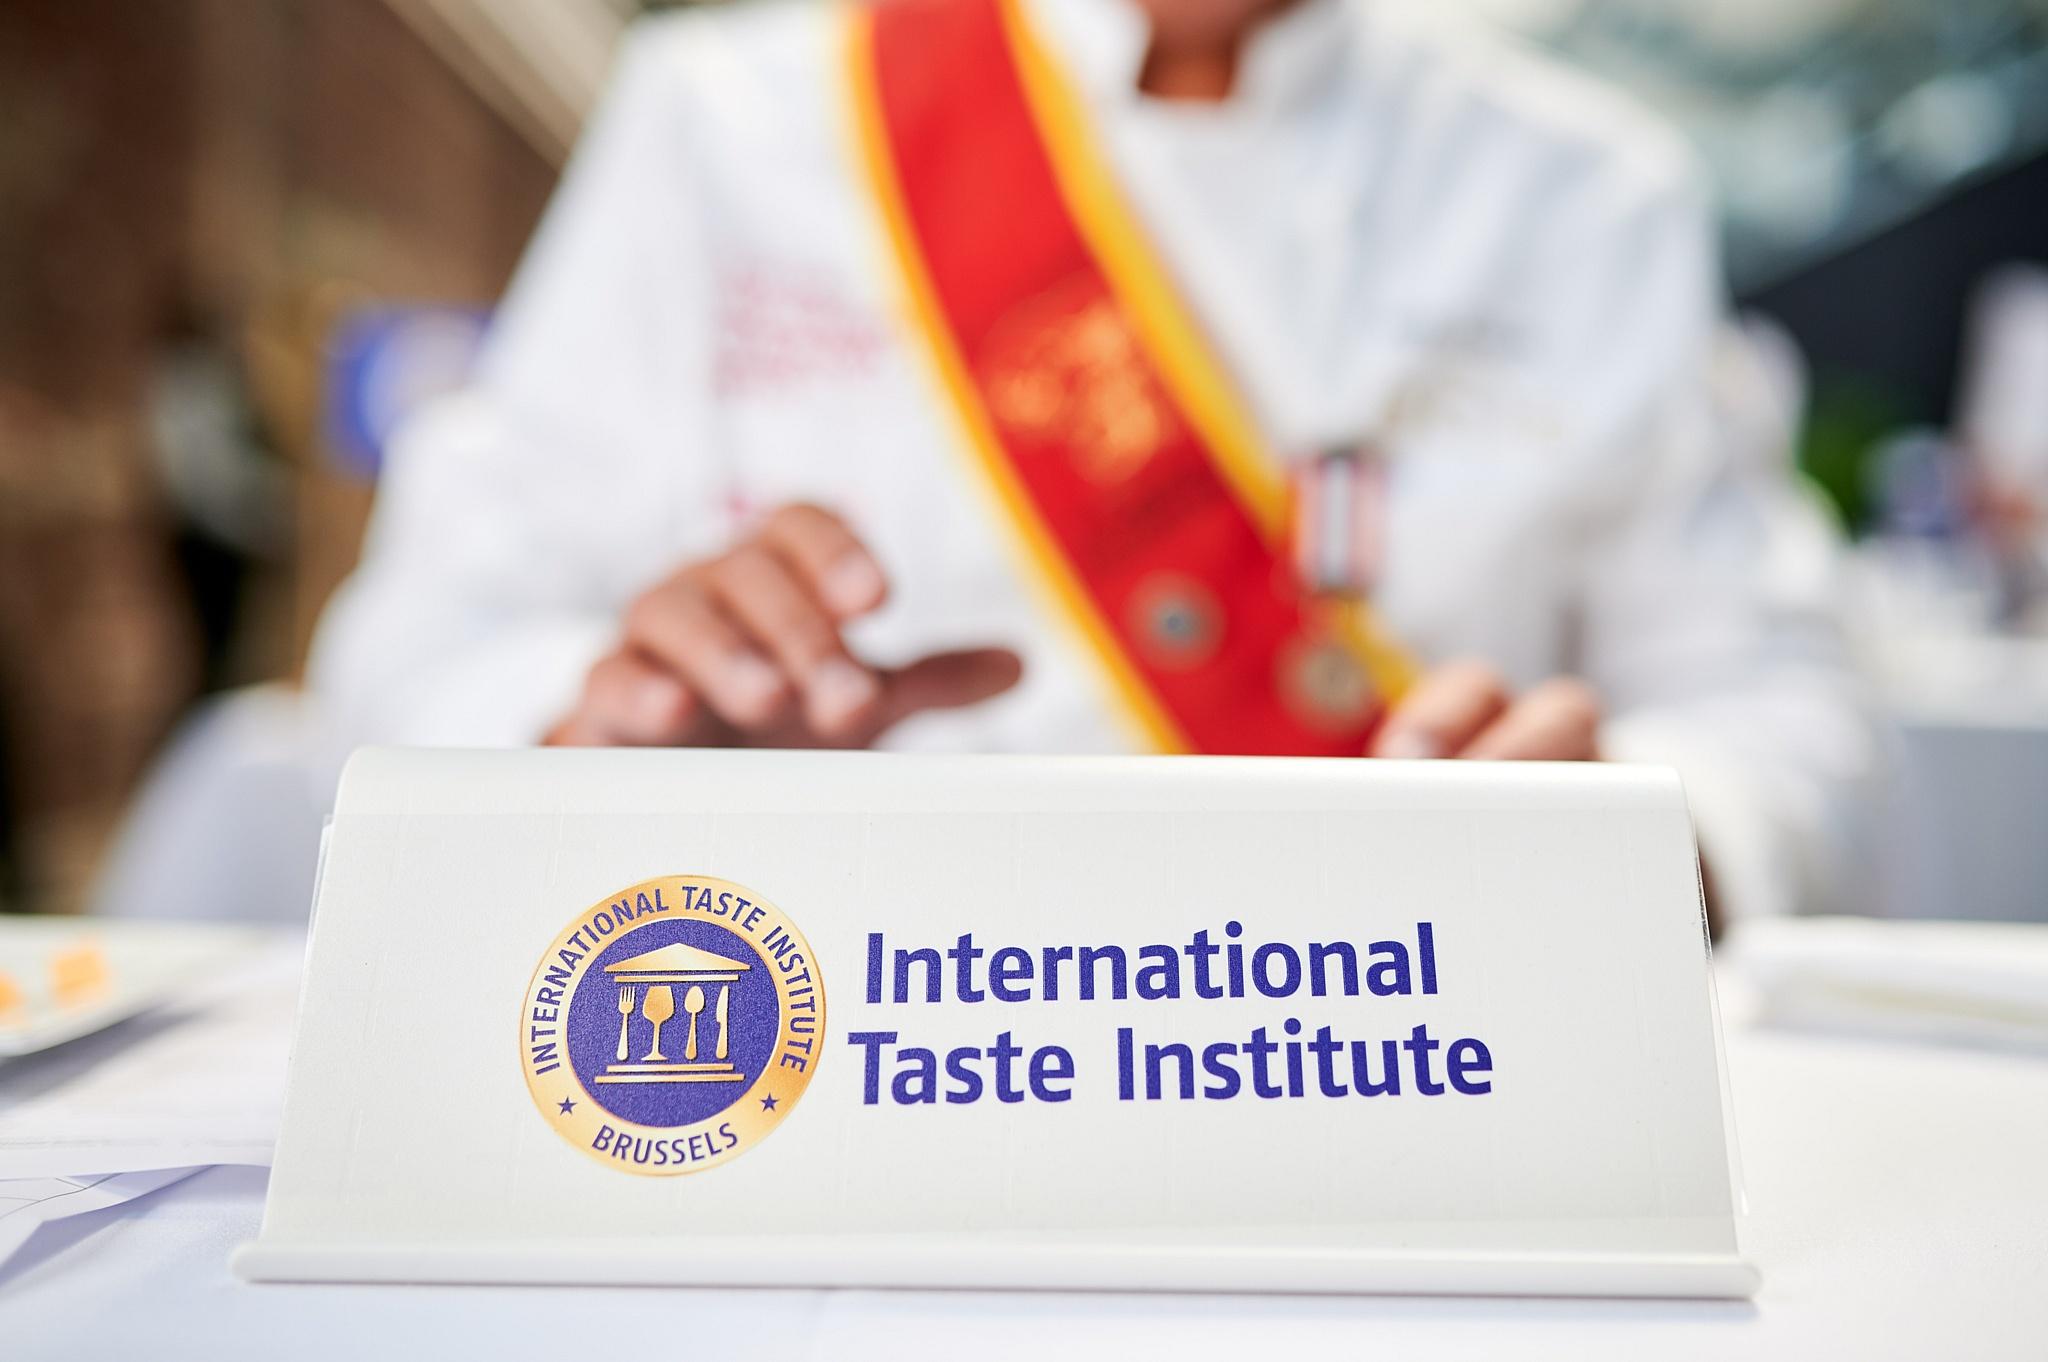 International Taste Institute опубликовал результаты оценки продуктов питания и напитков 2019.